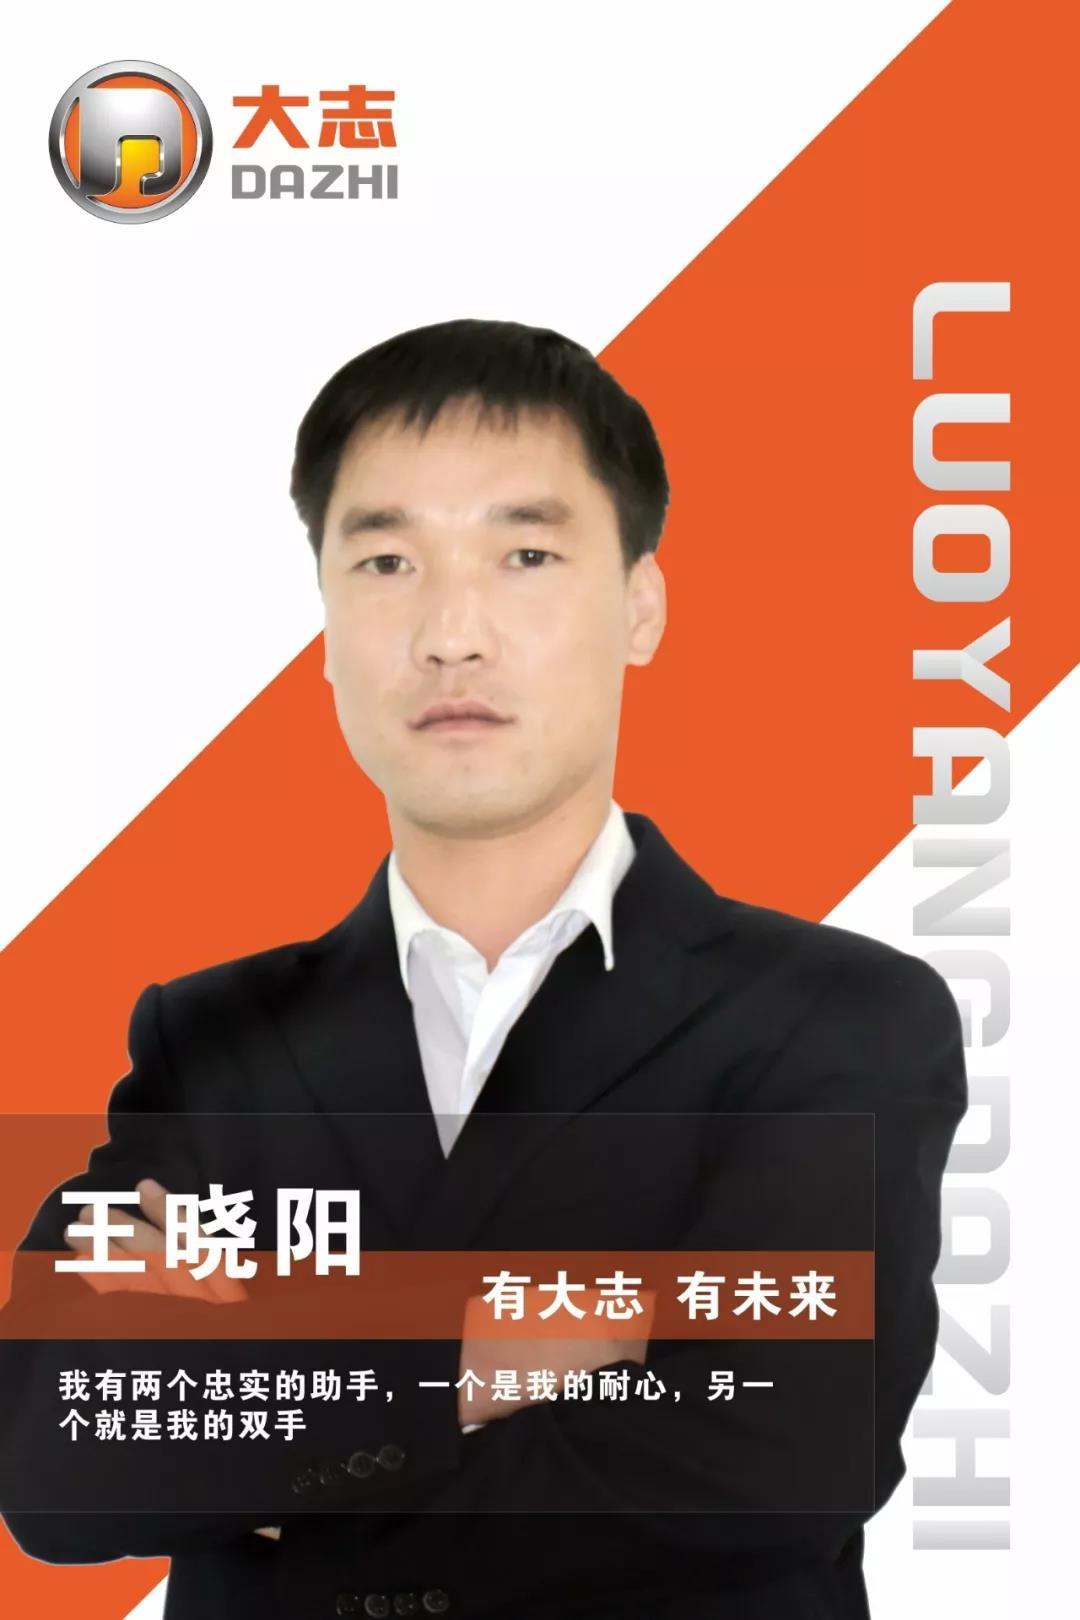 大志微轿业务经理王晓阳.jpg